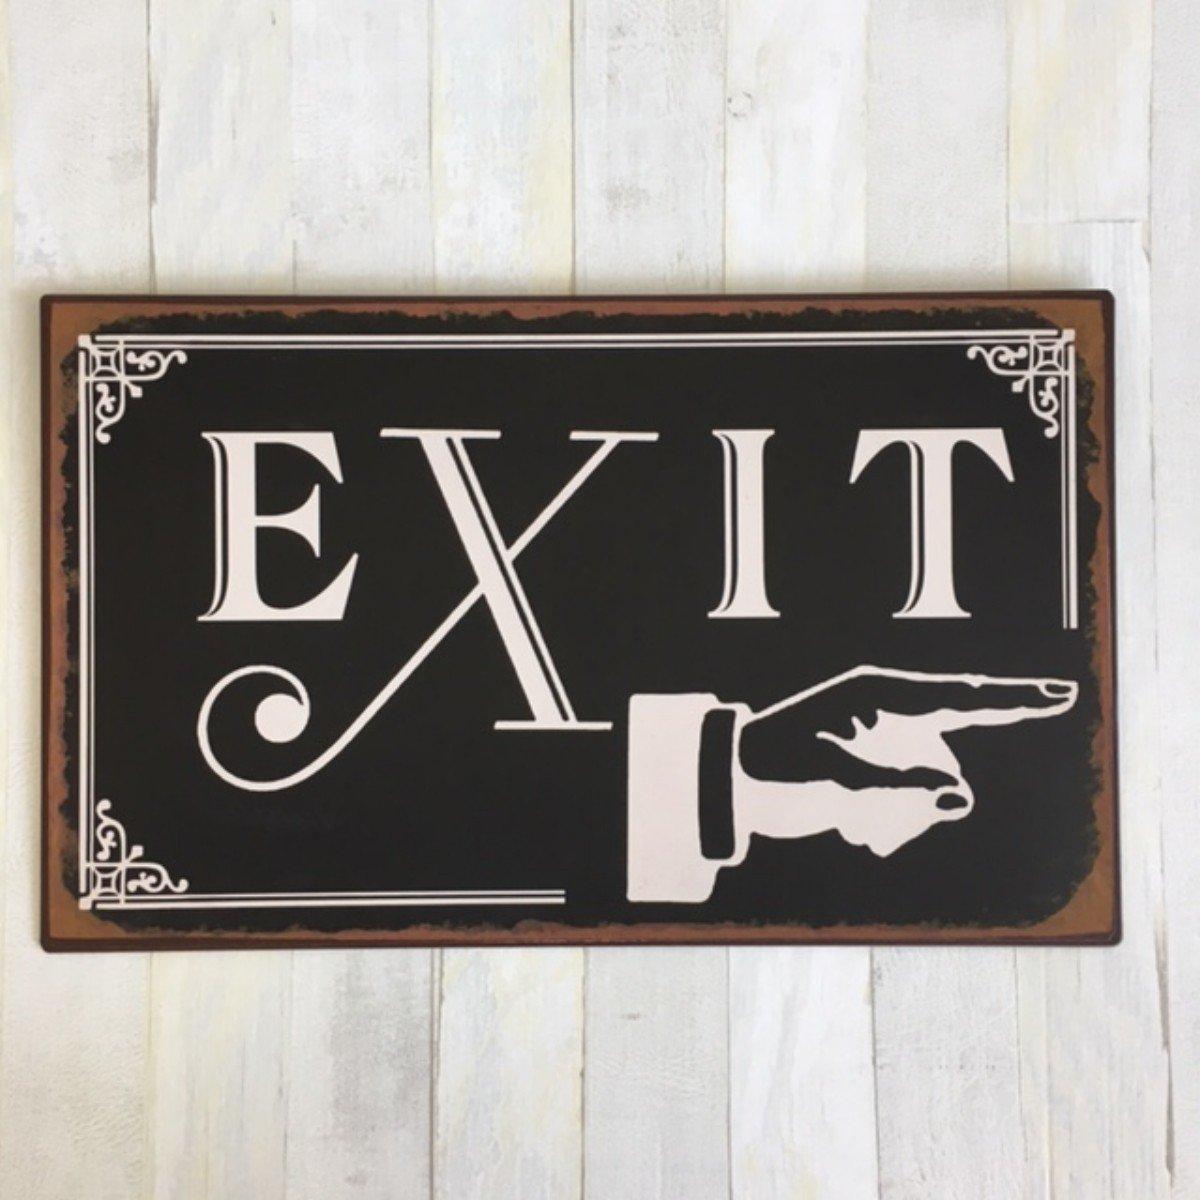 Cartel de chapa en envejecido. - Cartel de Exit de metal ...